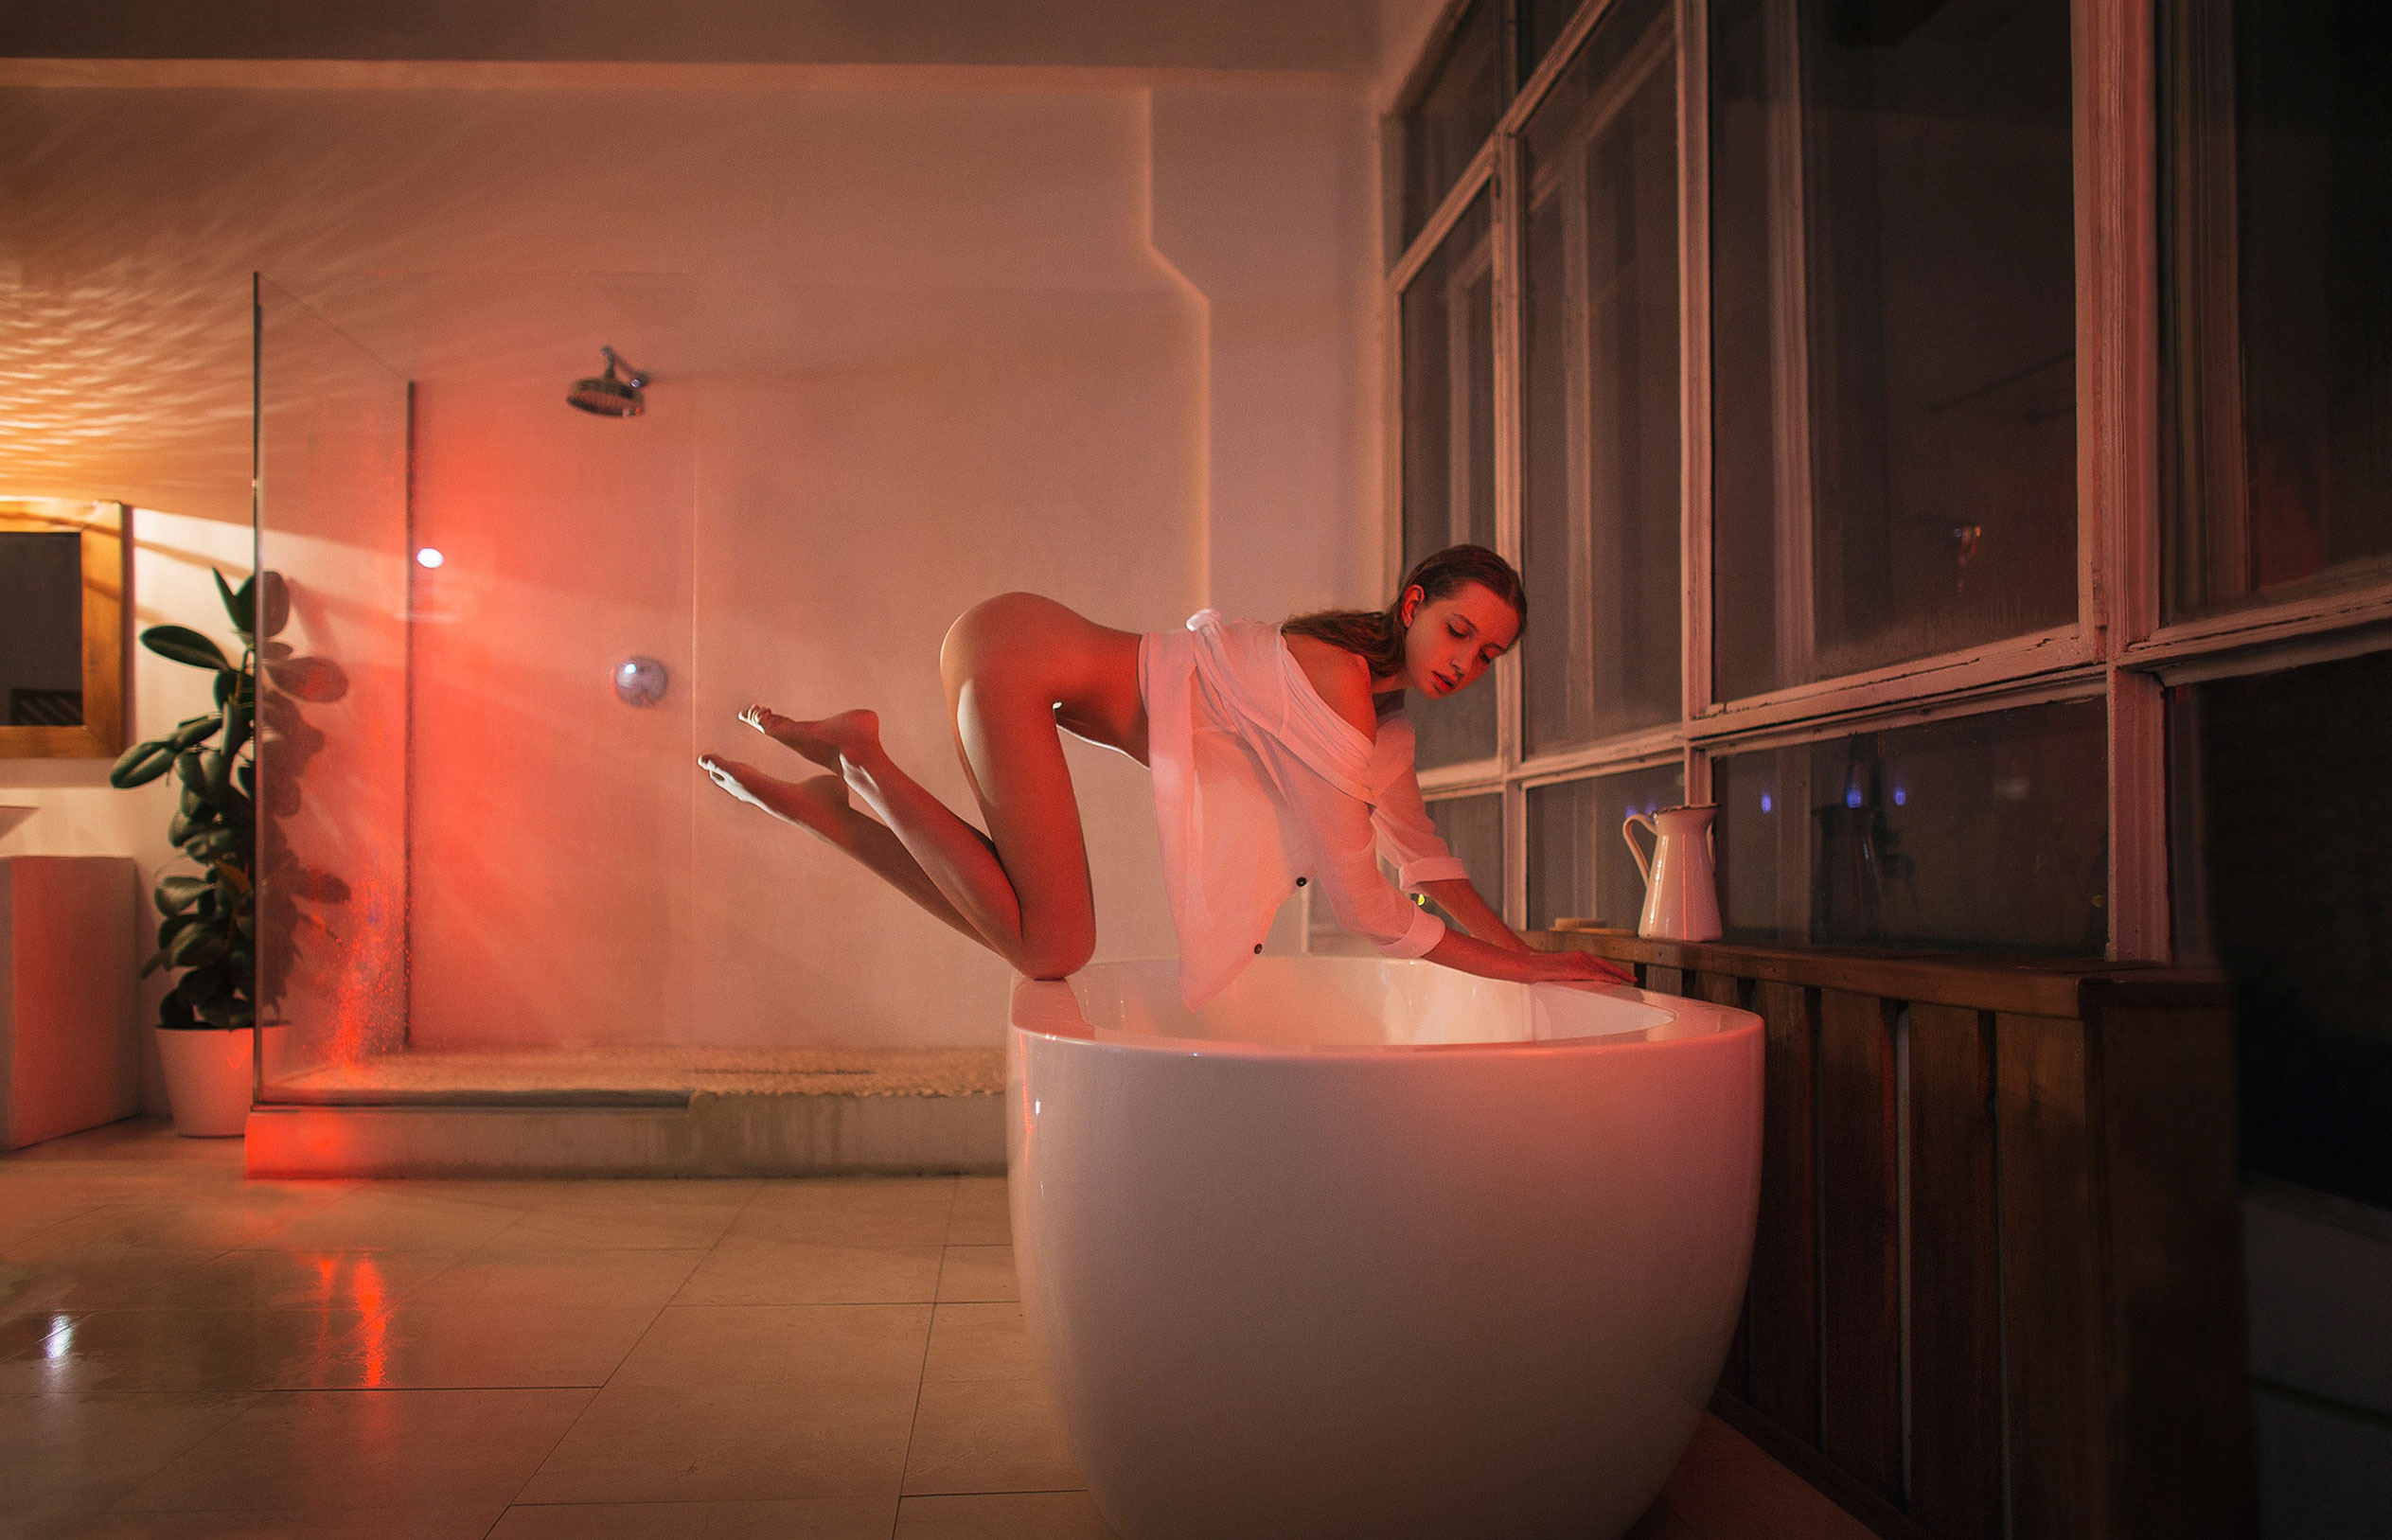 Катерина Райх принимает душ, под светом красных ламп / фото 01